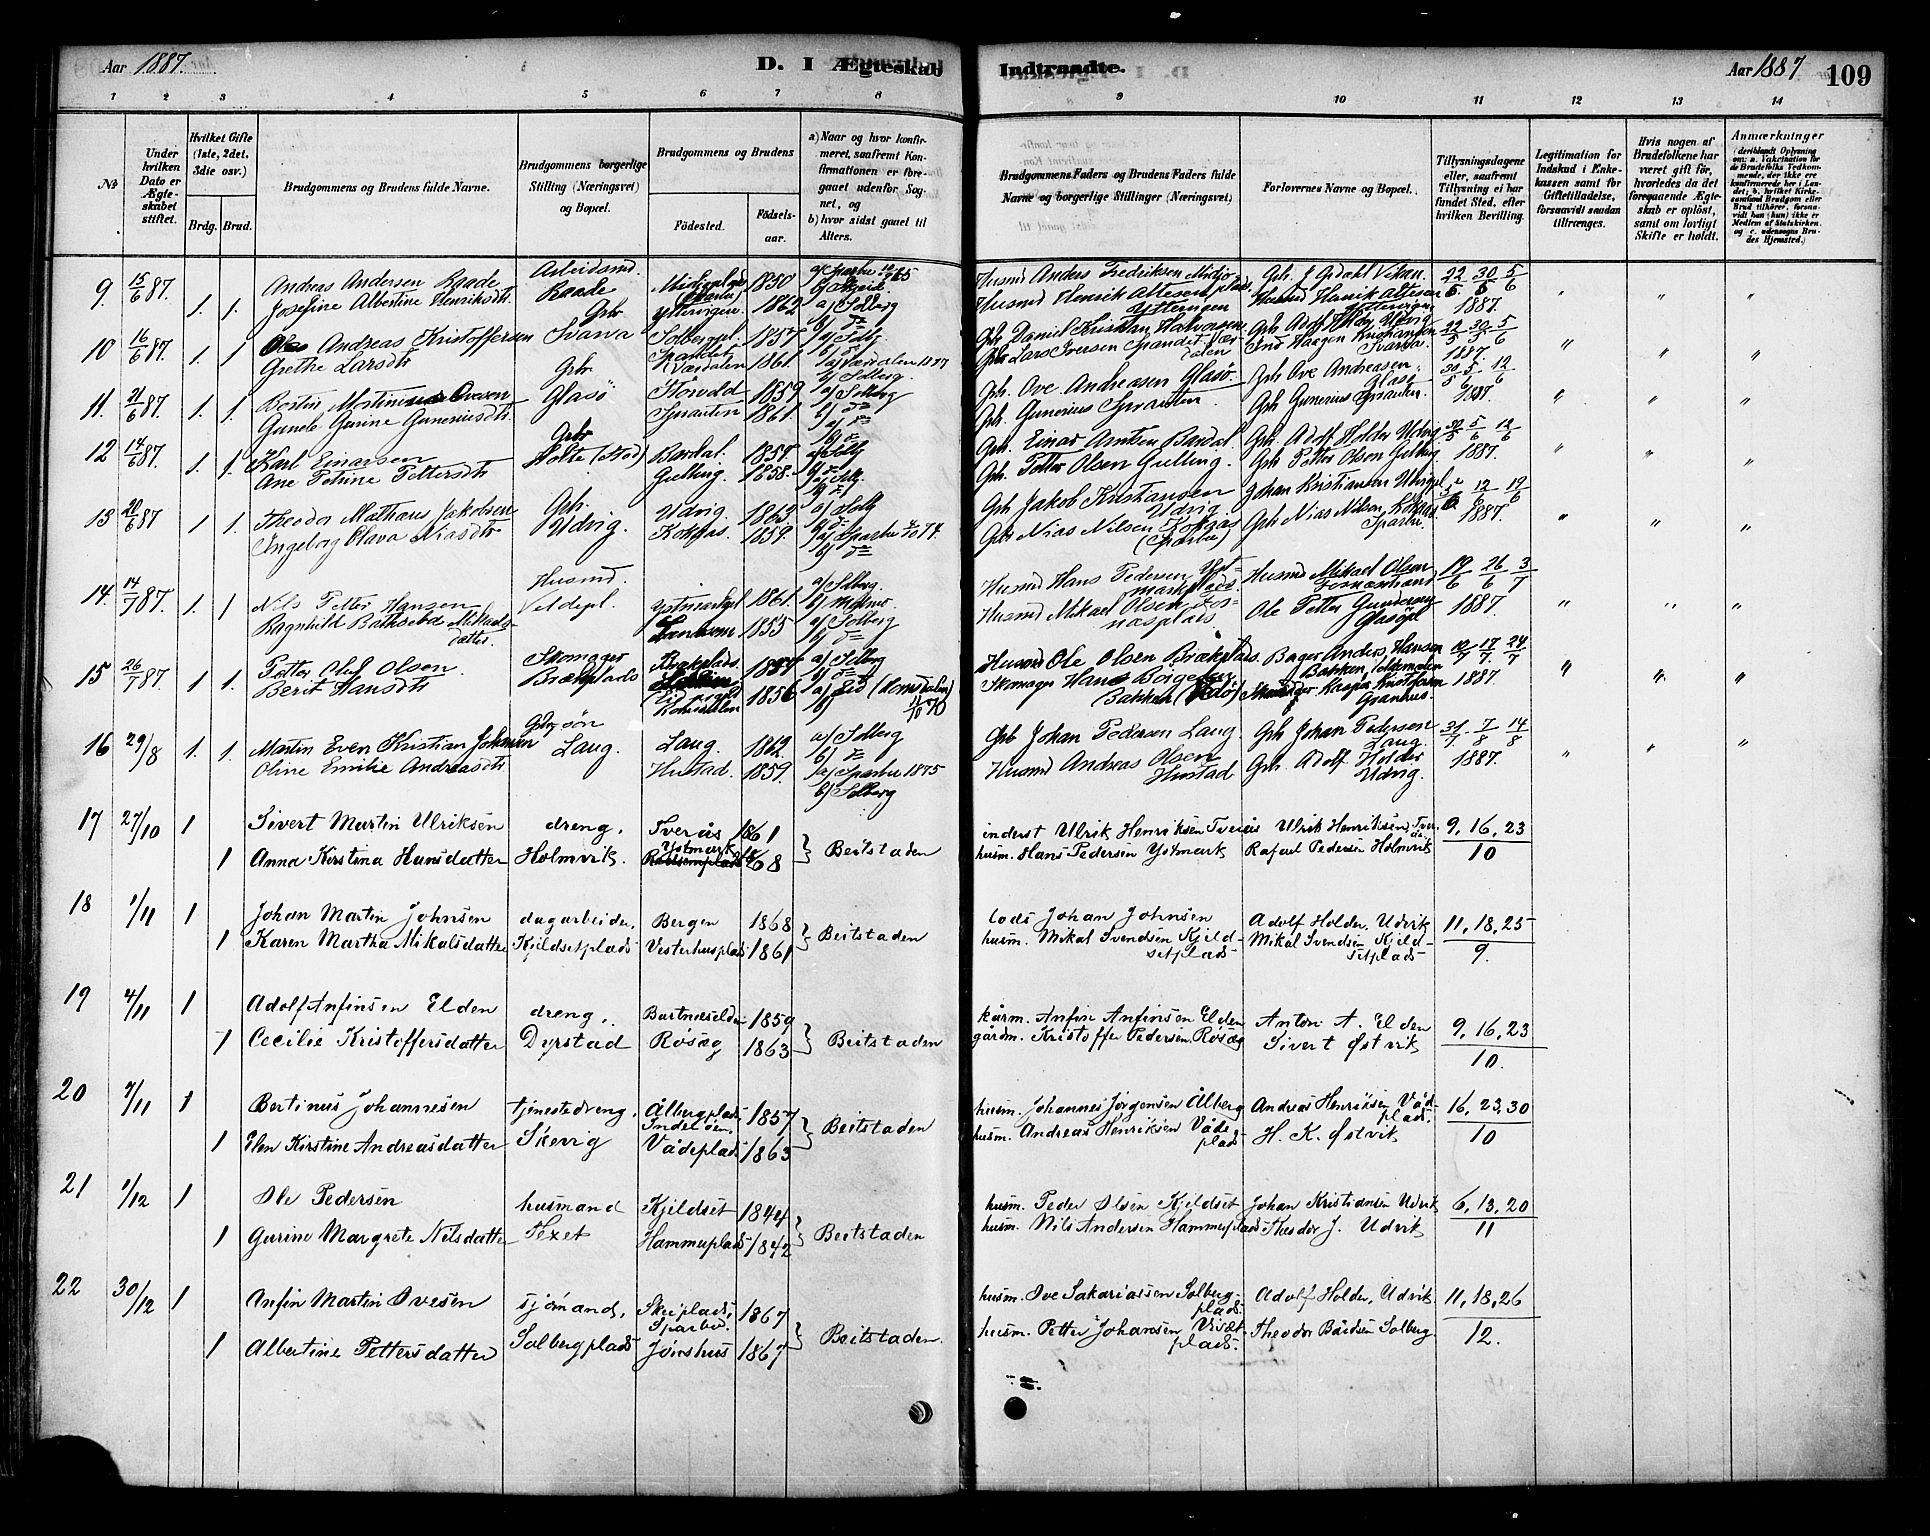 SAT, Ministerialprotokoller, klokkerbøker og fødselsregistre - Nord-Trøndelag, 741/L0395: Ministerialbok nr. 741A09, 1878-1888, s. 109